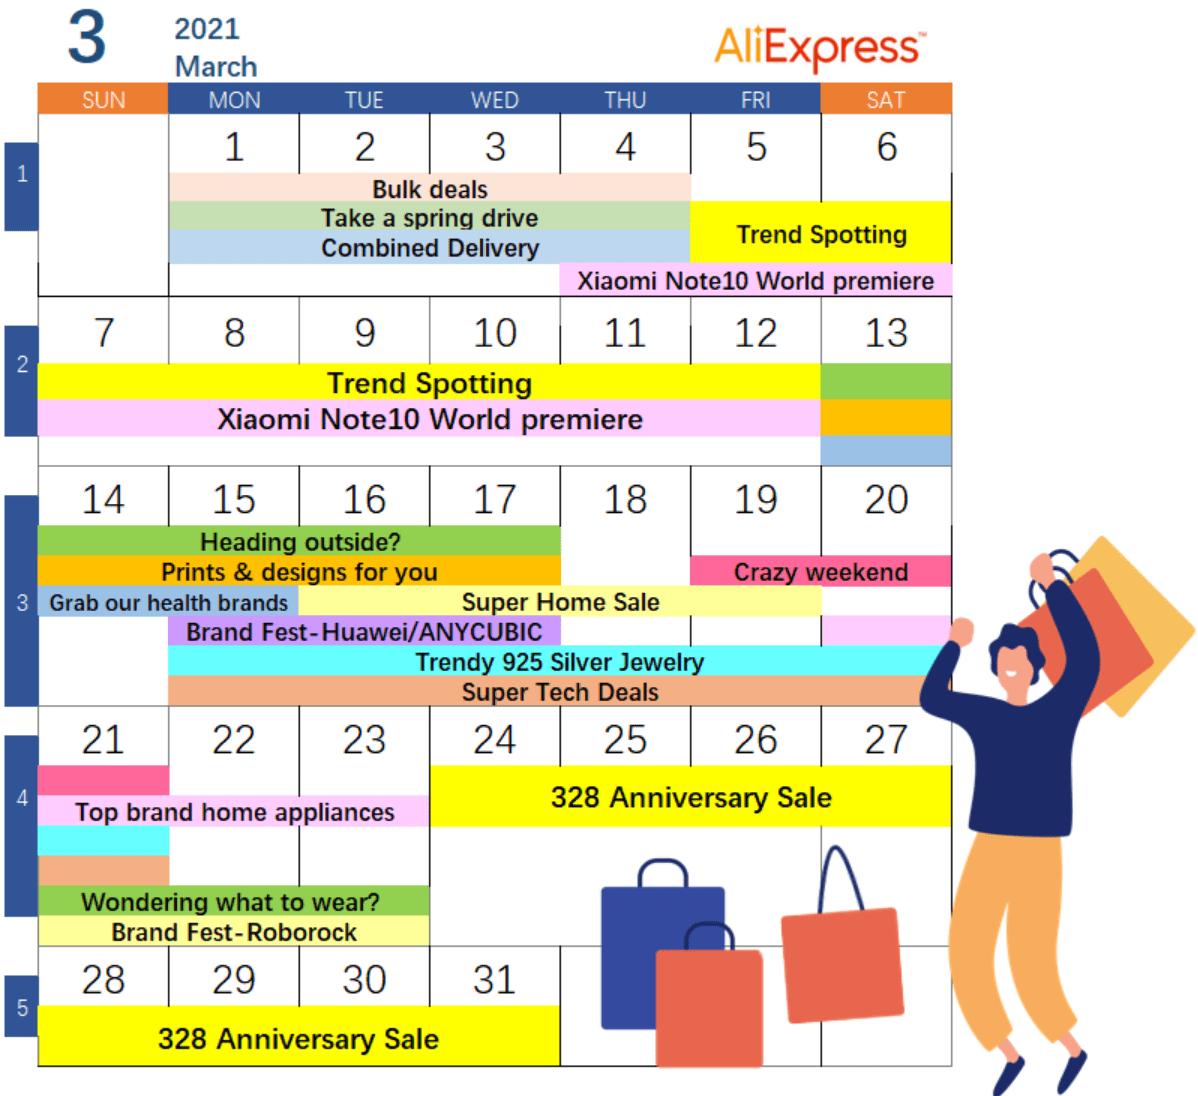 Расписание распродаж на AliExpress в марте